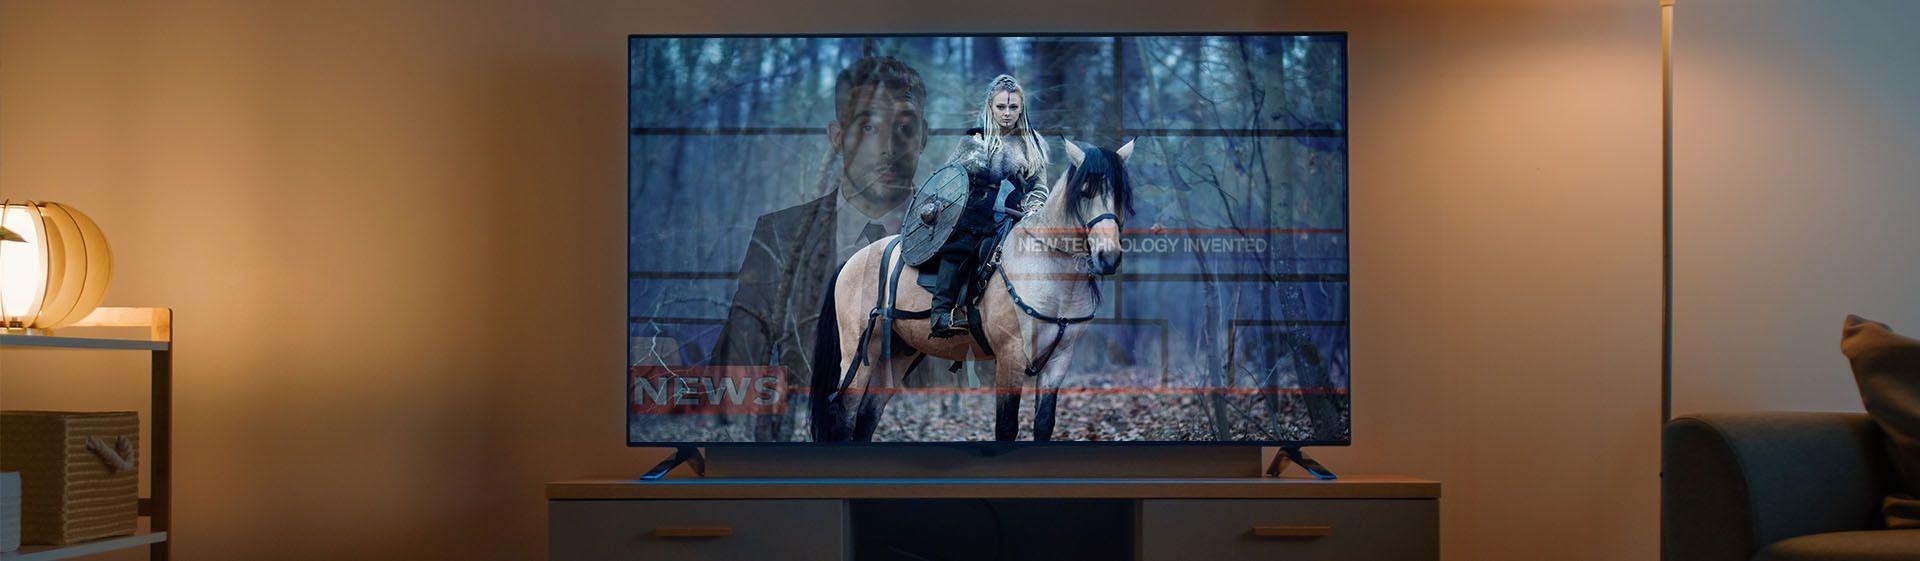 Efeito Burn-In: o que é e como resolver o problema nas TVs